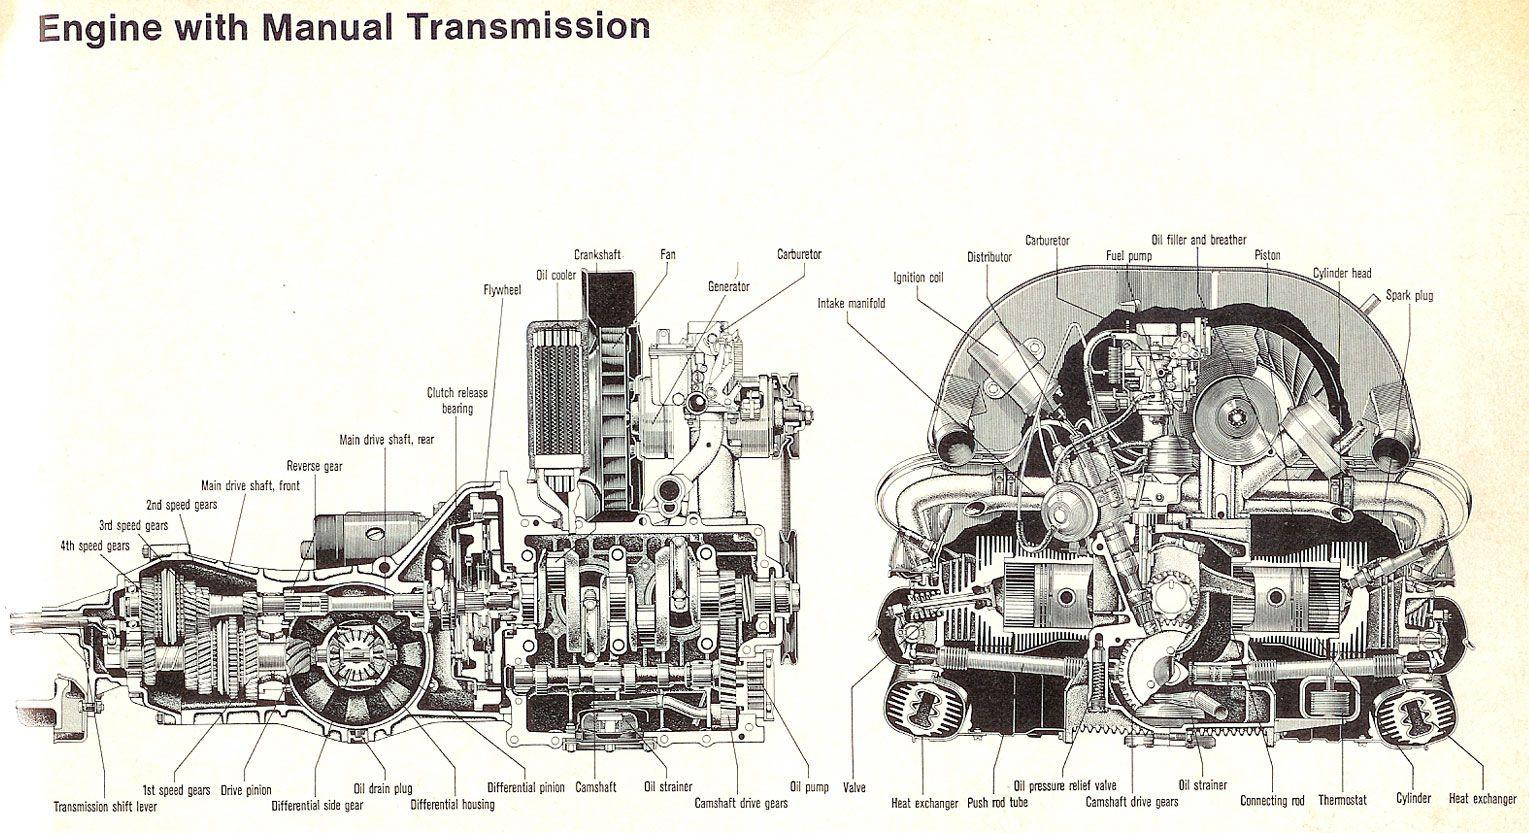 1600 vw engine diagrama do motor boxer e o cambio vw 1600 vw engine diagrama do motor boxer e o cambio